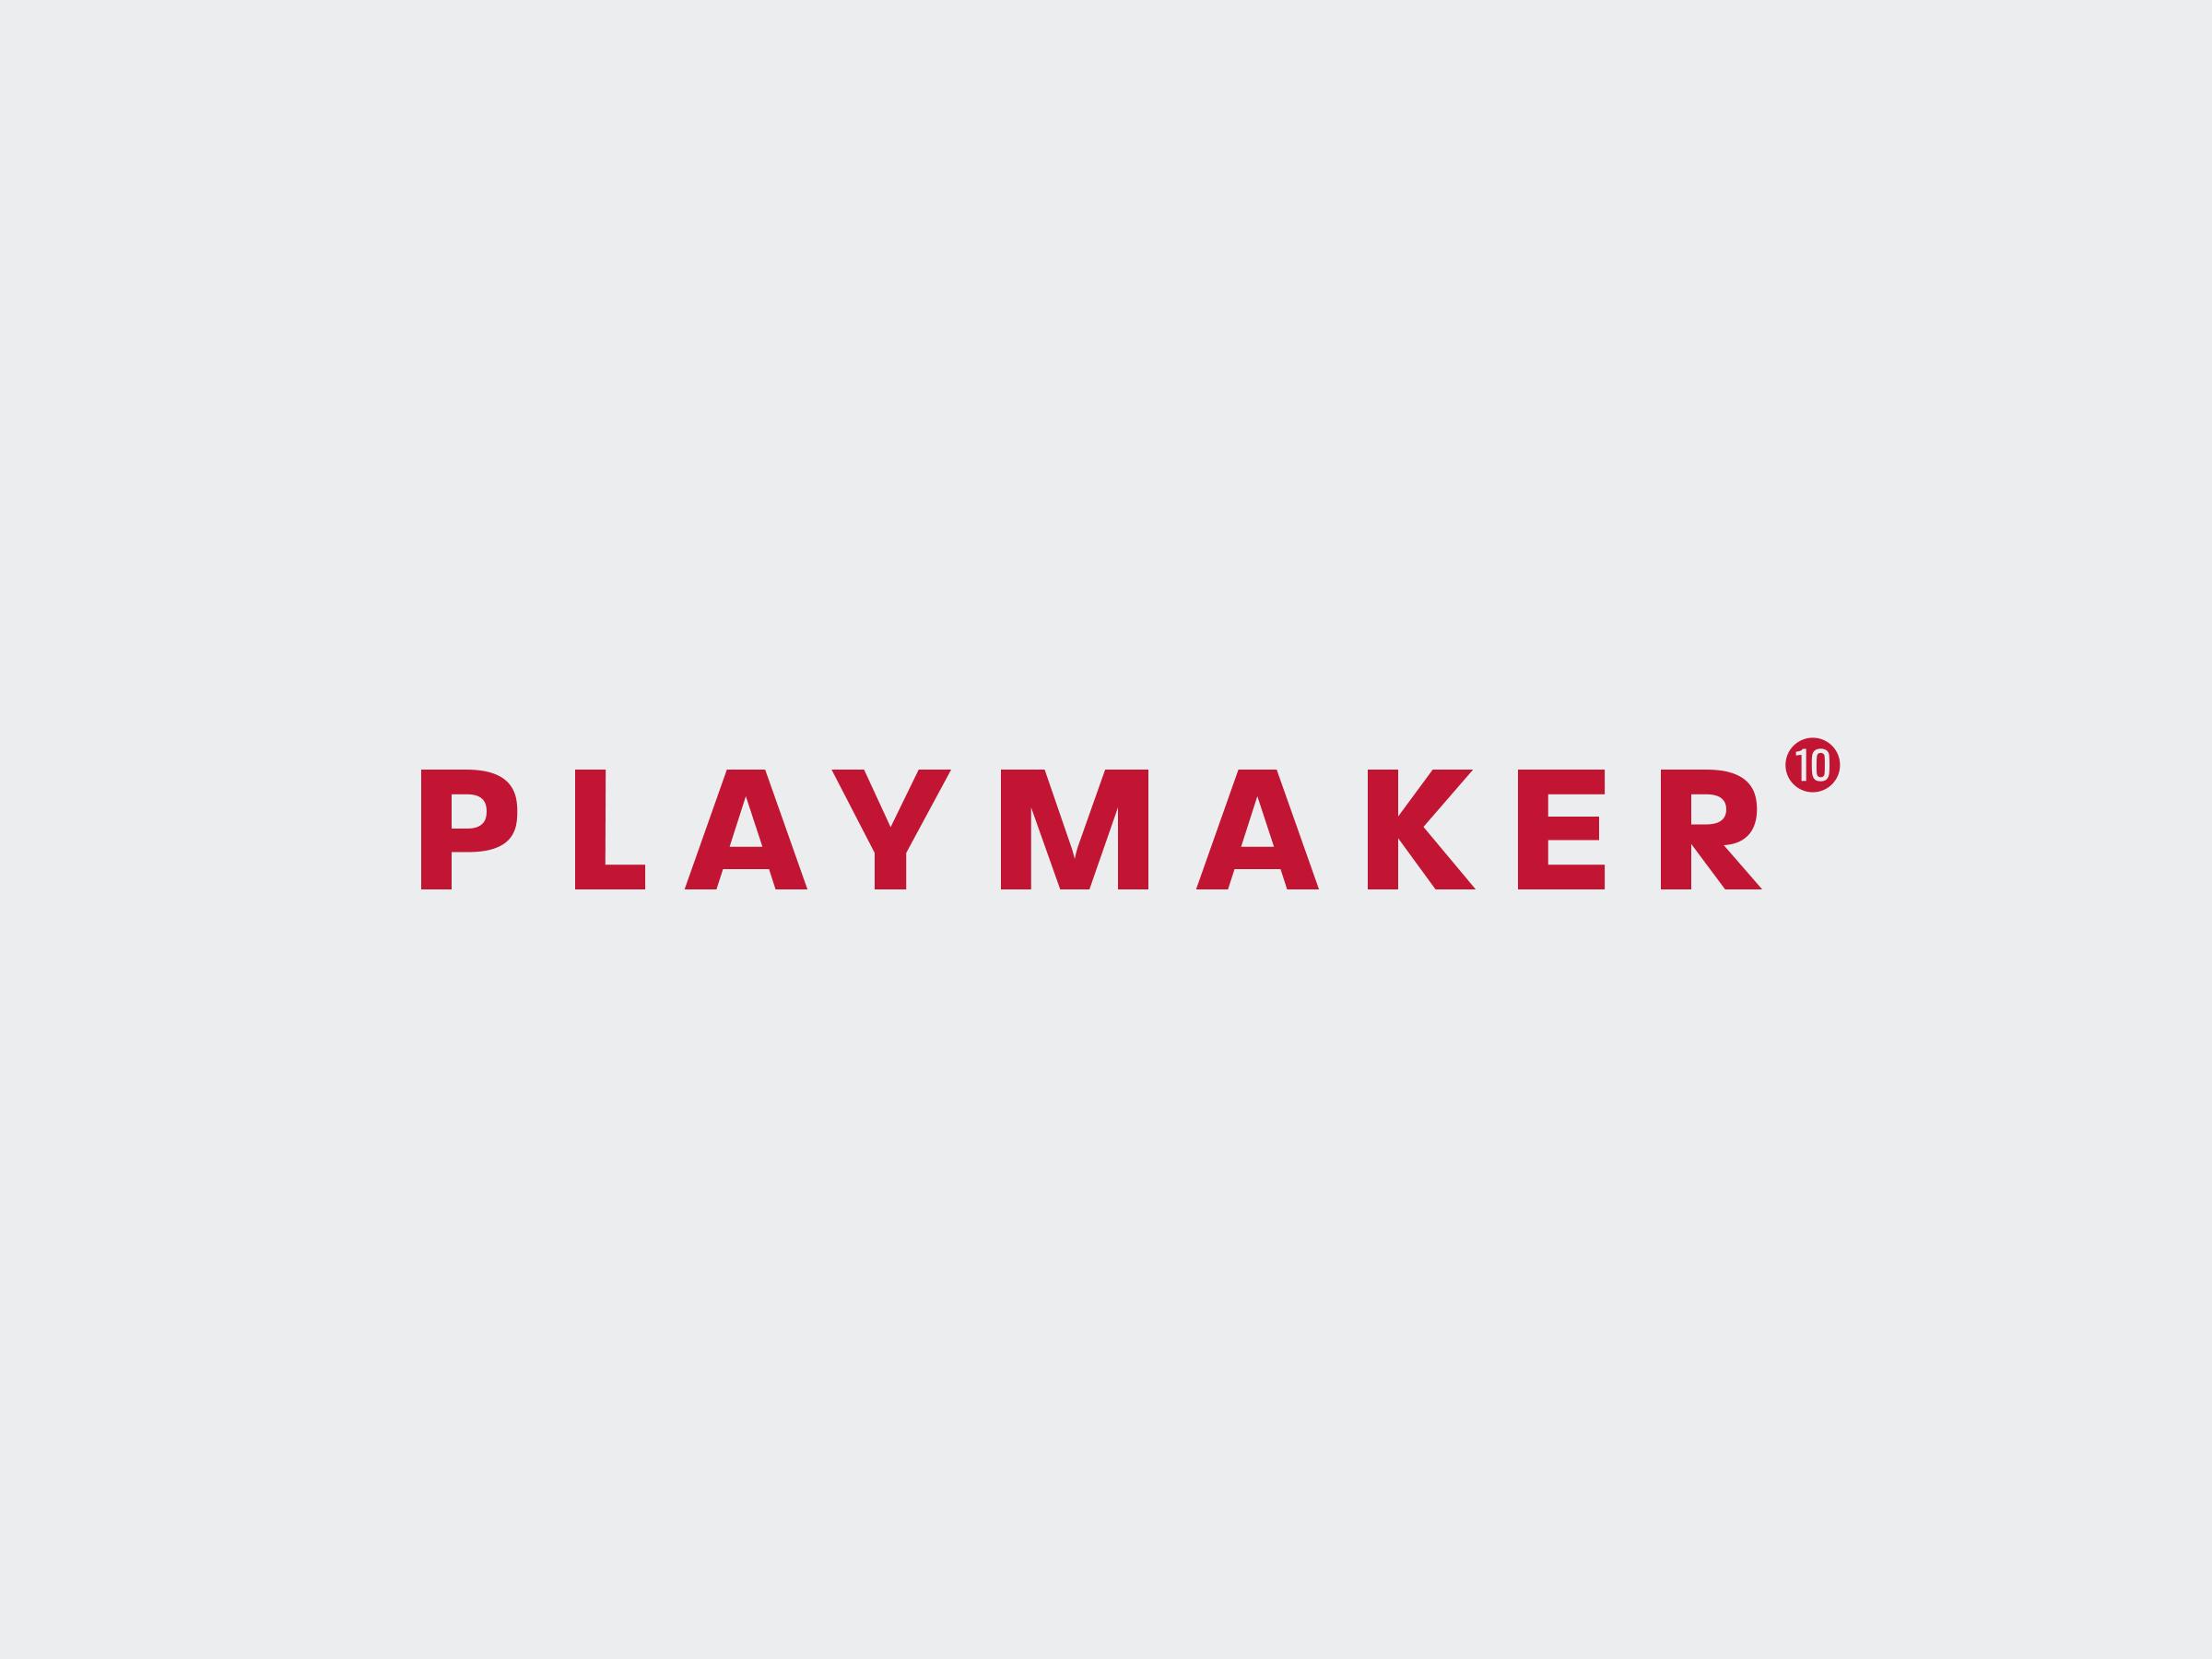 Playmaker gråt banner med rød.png